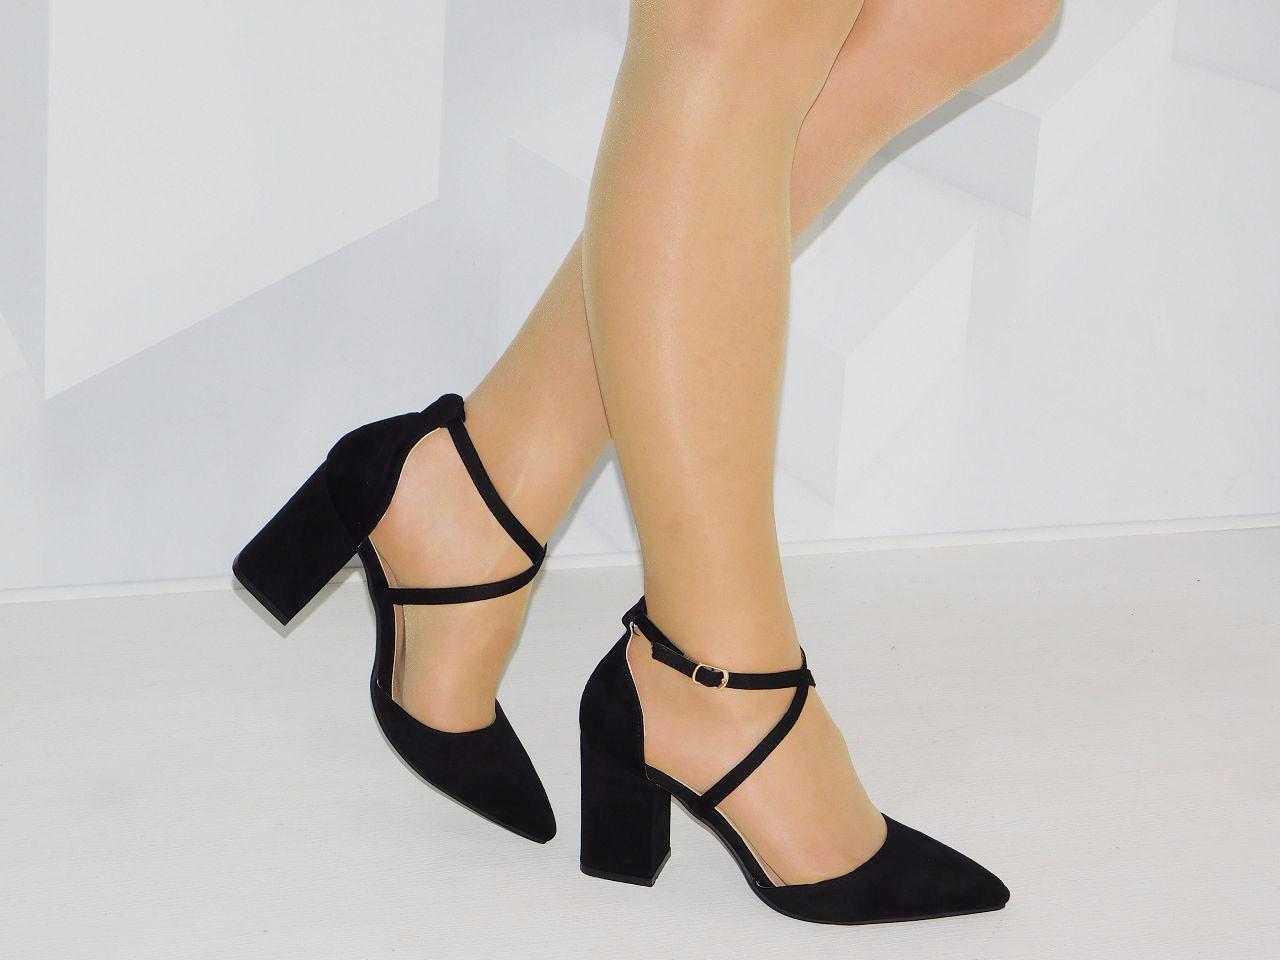 d10e0ea63 Летние туфли женские на толстом каблуке с острым носком черные ...